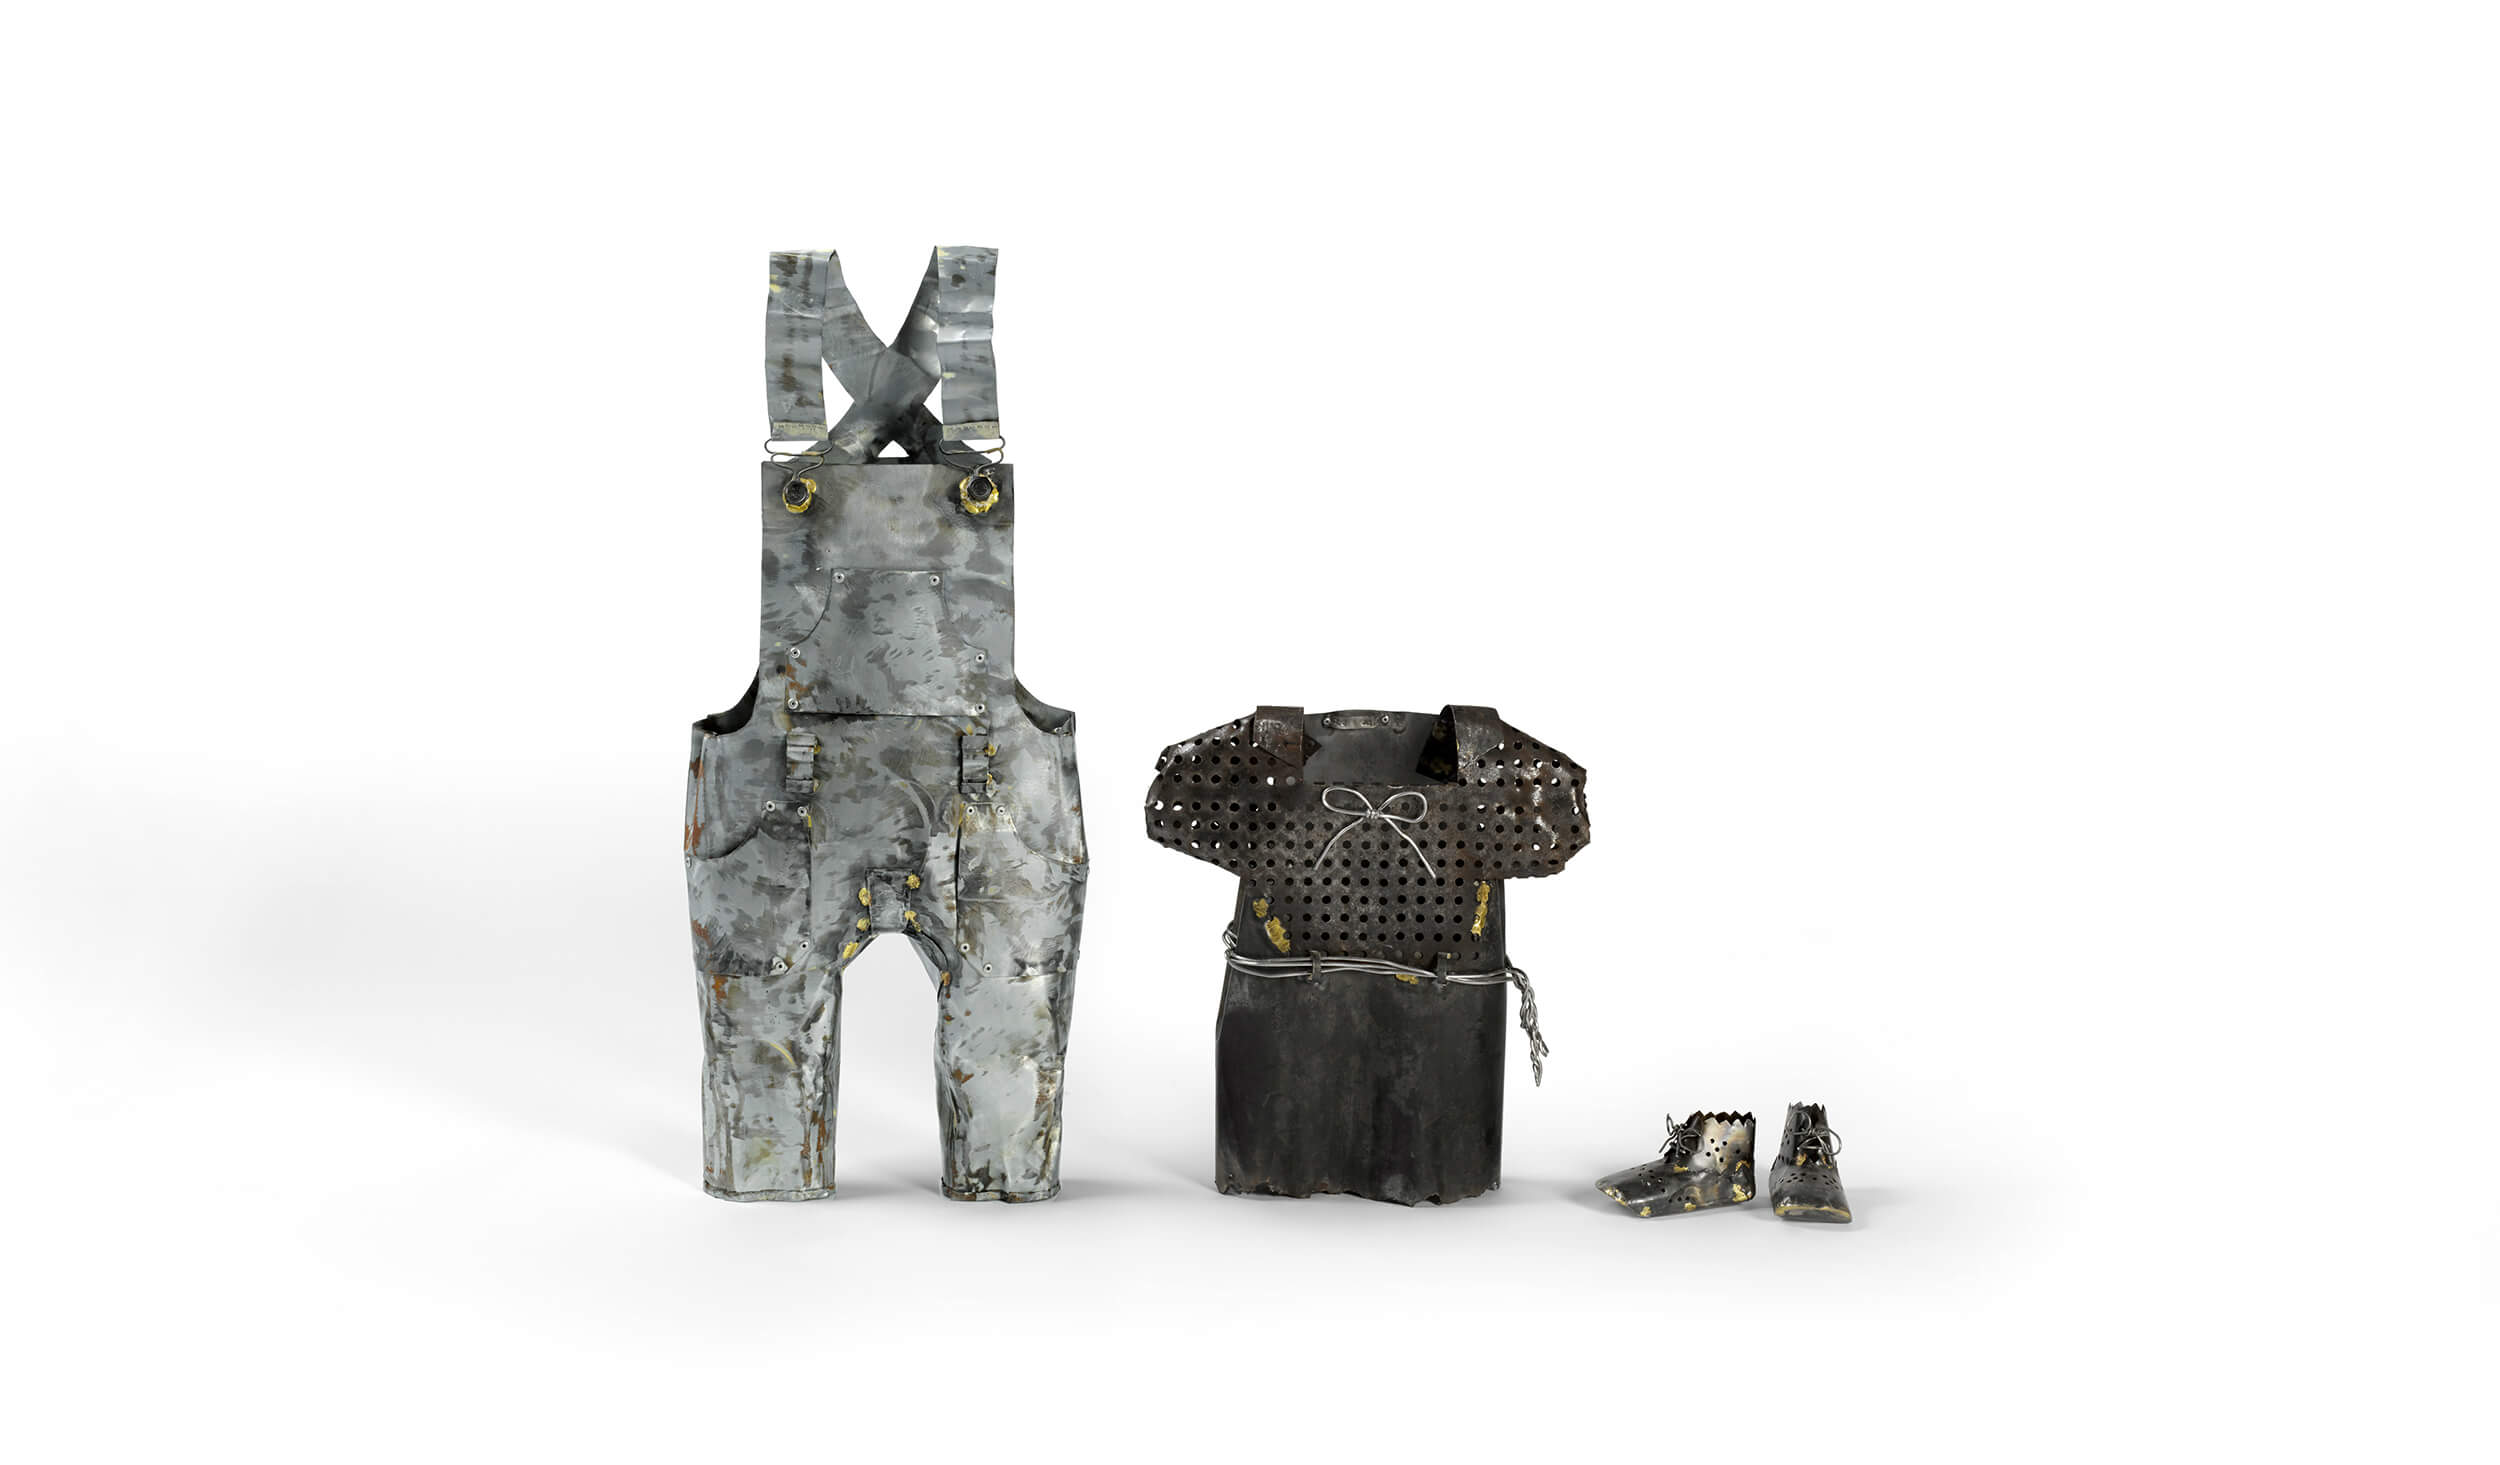 Julie VAYSSIER - Les Armures - Métaux de récupération - Salopette : 31 x 77 x 12 cm - Robe : 36 x 41 x 11 cm - Chaussons 13 x 8 x 6 cm